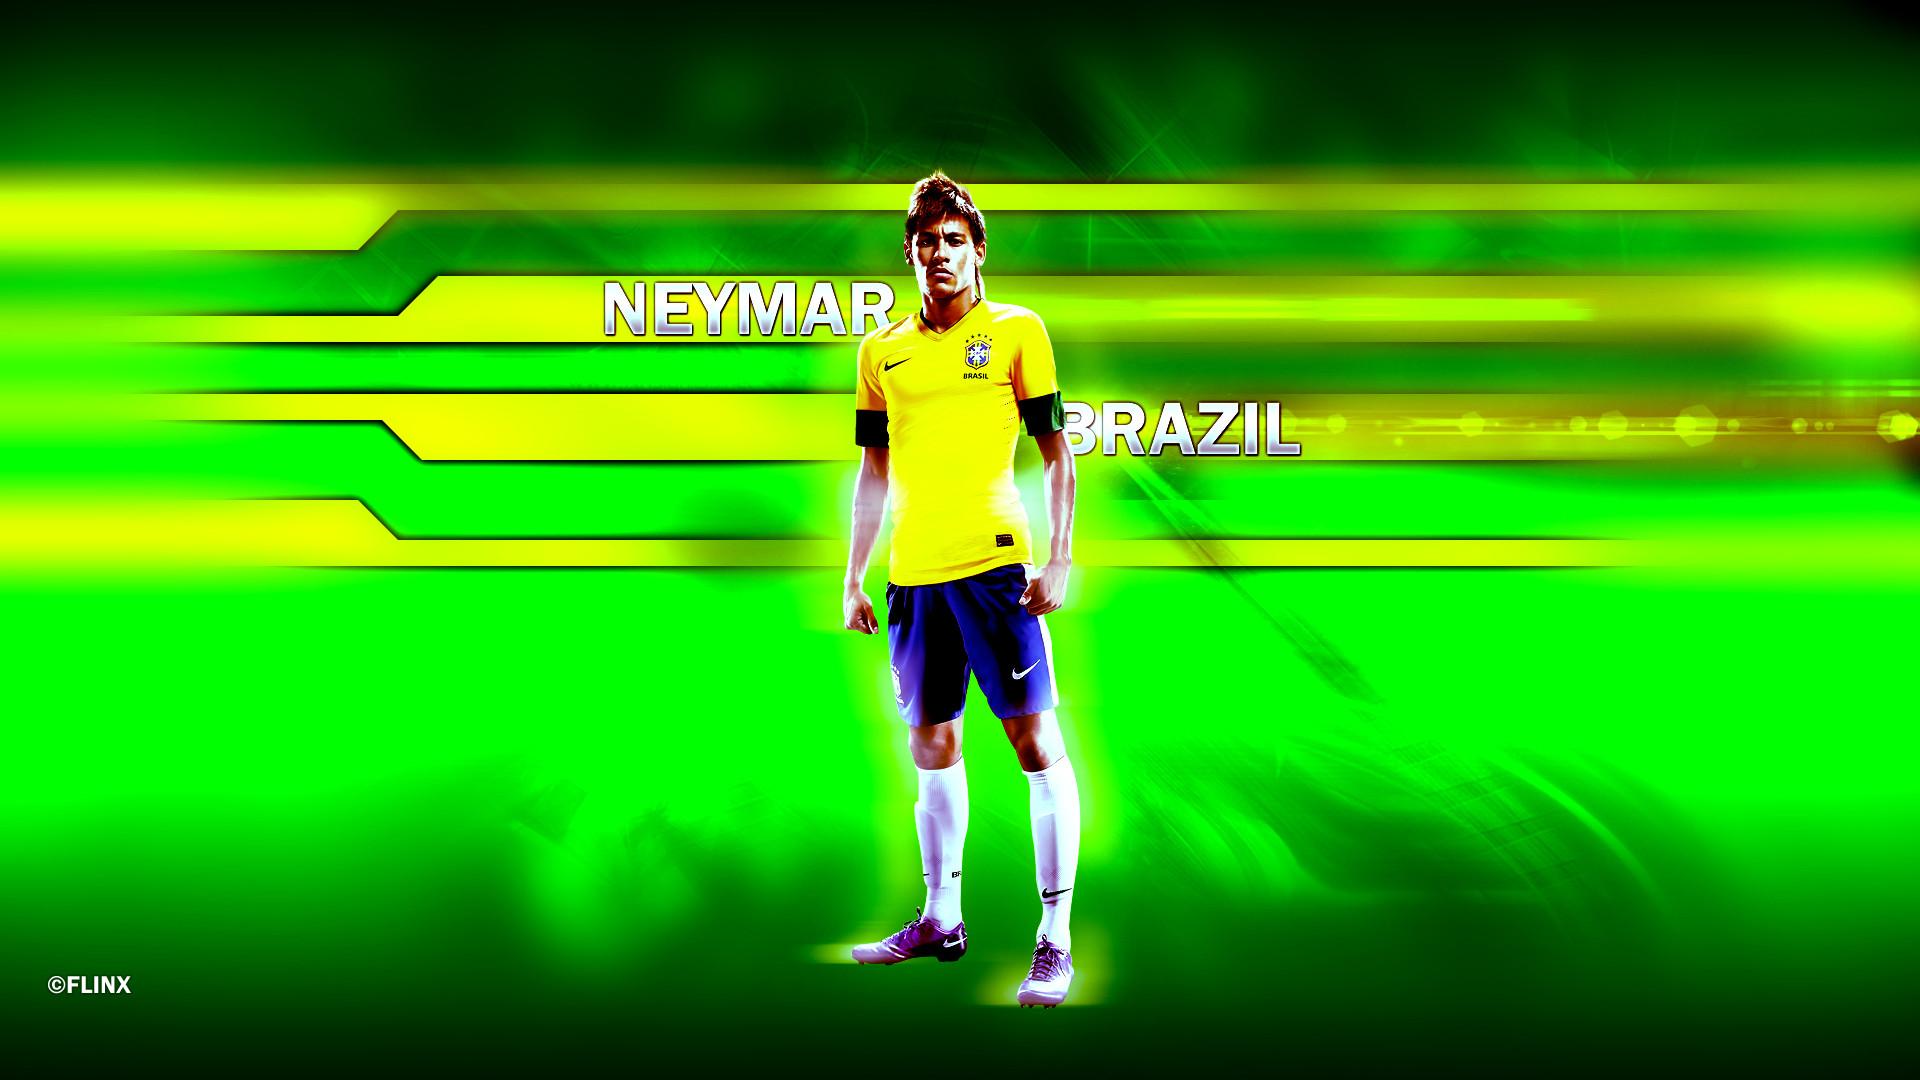 Messi 3d Wallpaper 2017 Neymar Jr 2018 Wallpaper 76 Images